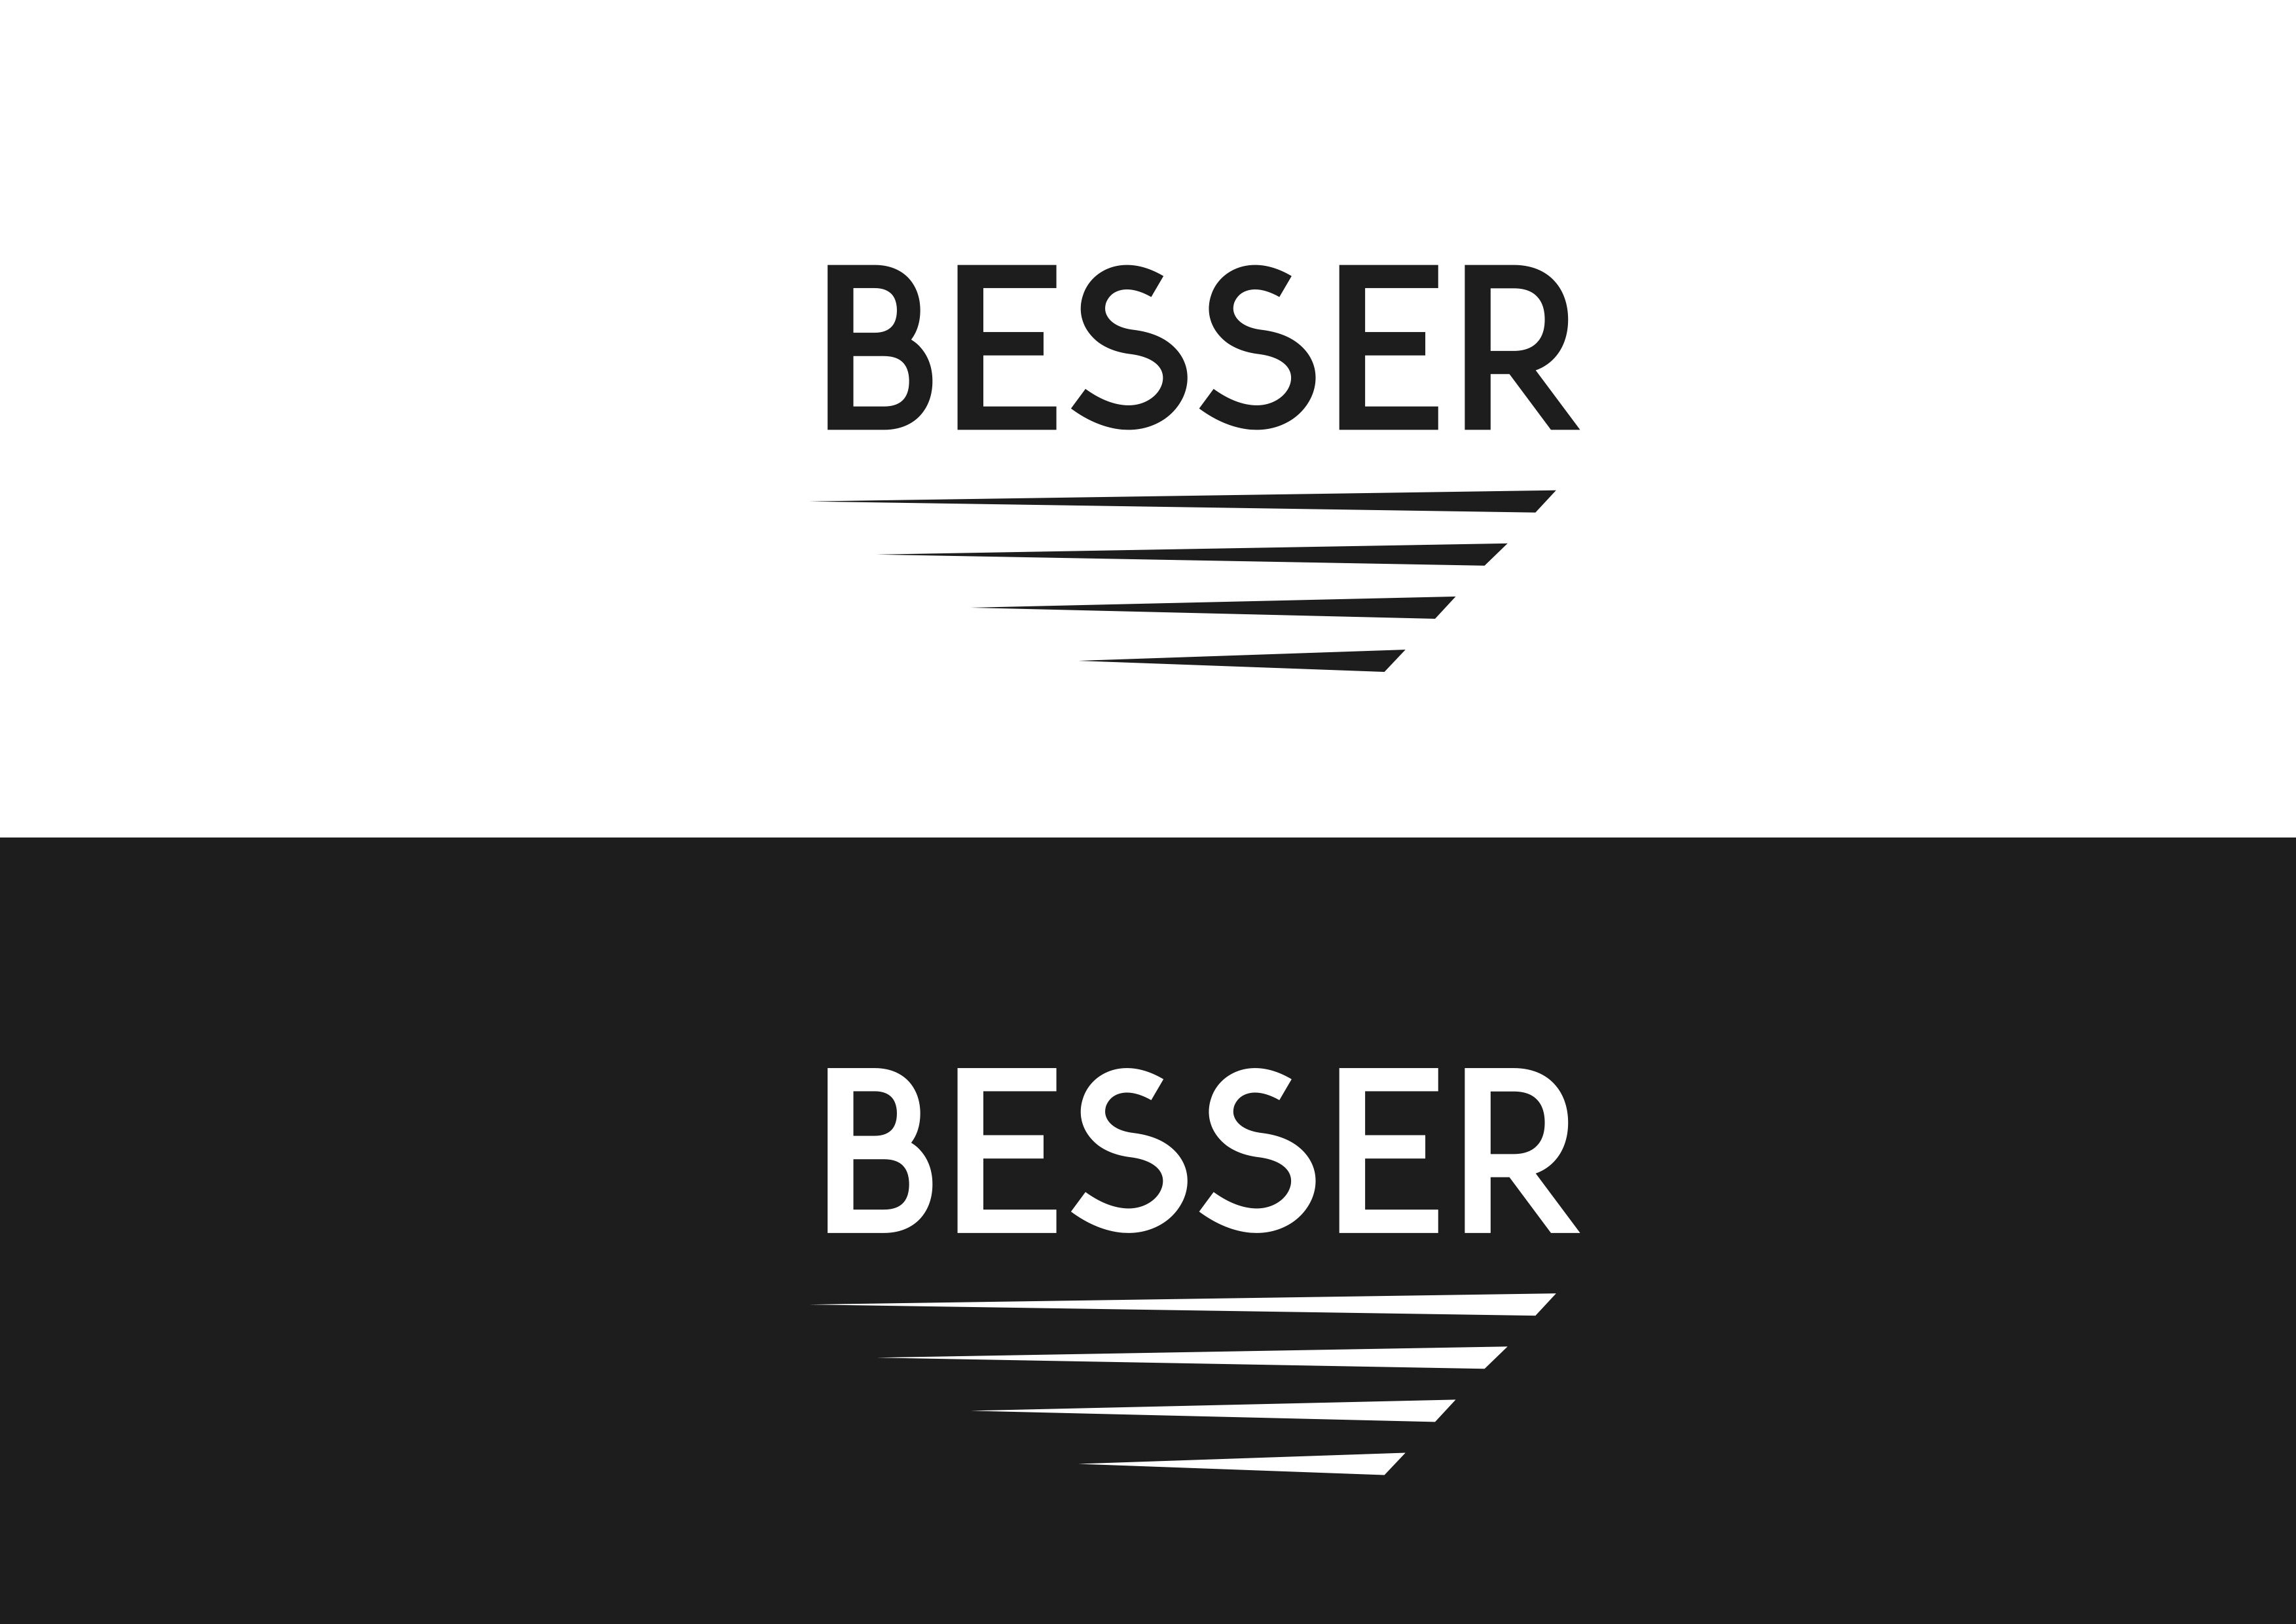 Логотип для тюнинг-ателье BESSER - дизайнер Jedi_artist